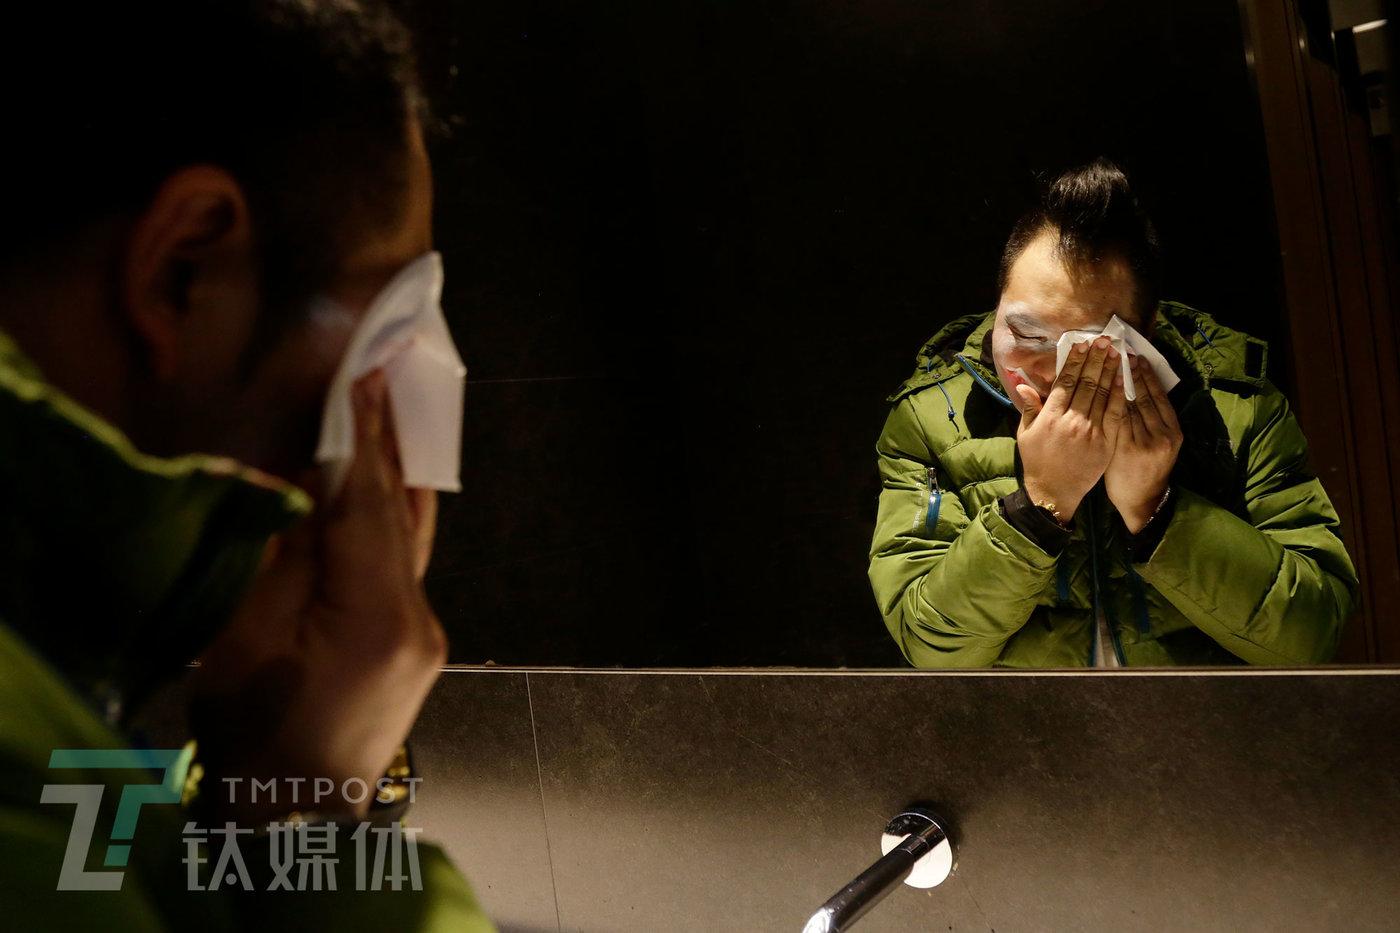 2019年12月17日,北京某餐厅,演出结束后阿绎在卫生间卸妆。